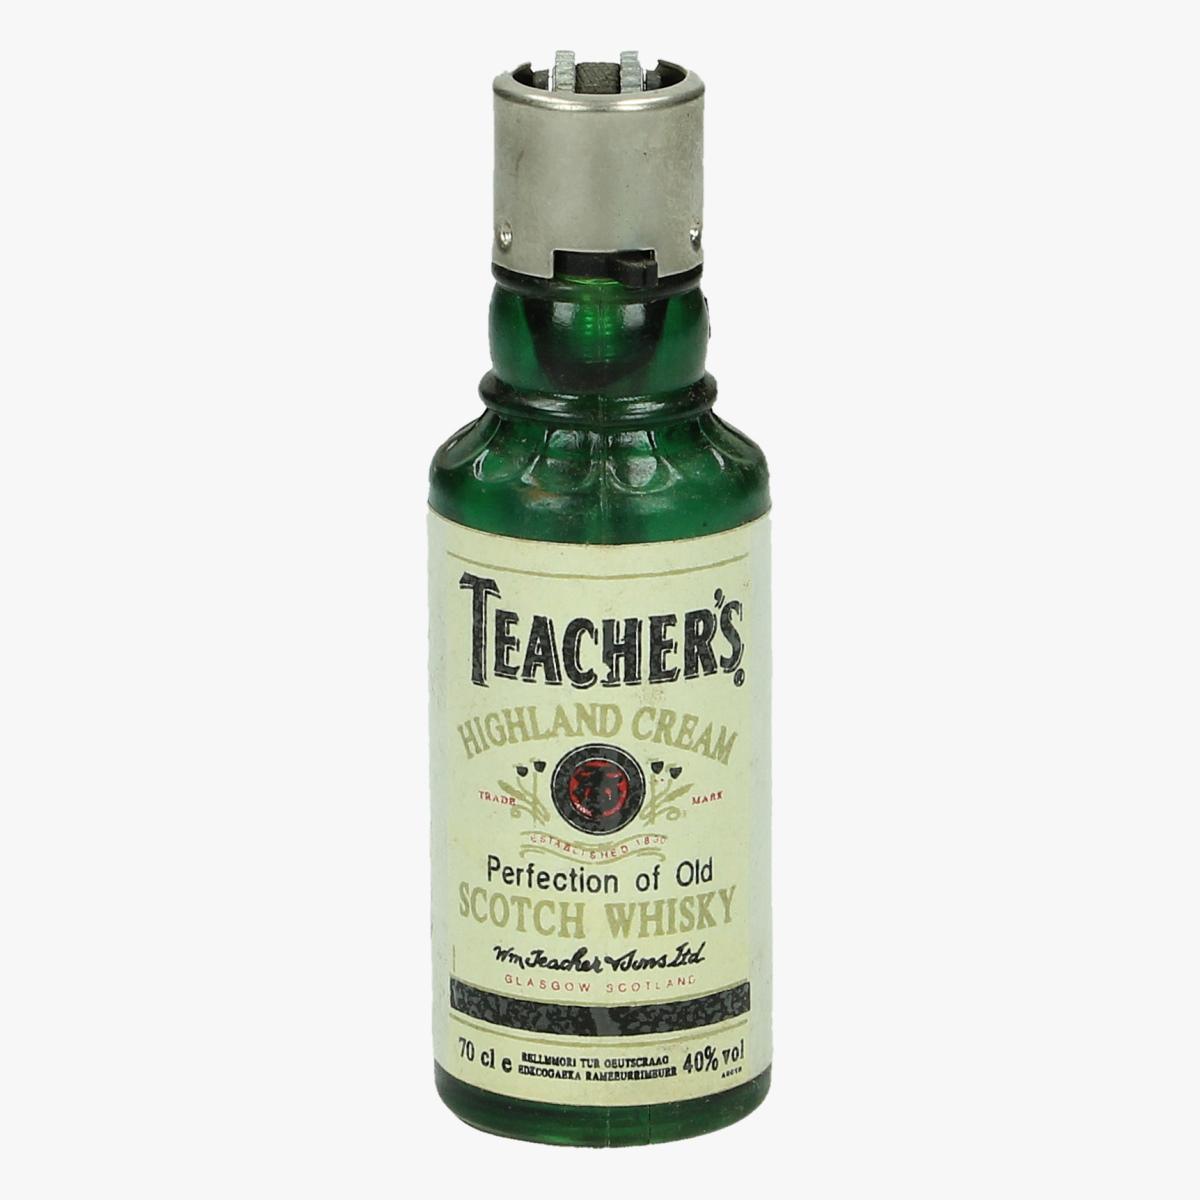 Afbeeldingen van oude aansteker flesje teacher's scotch wiskey